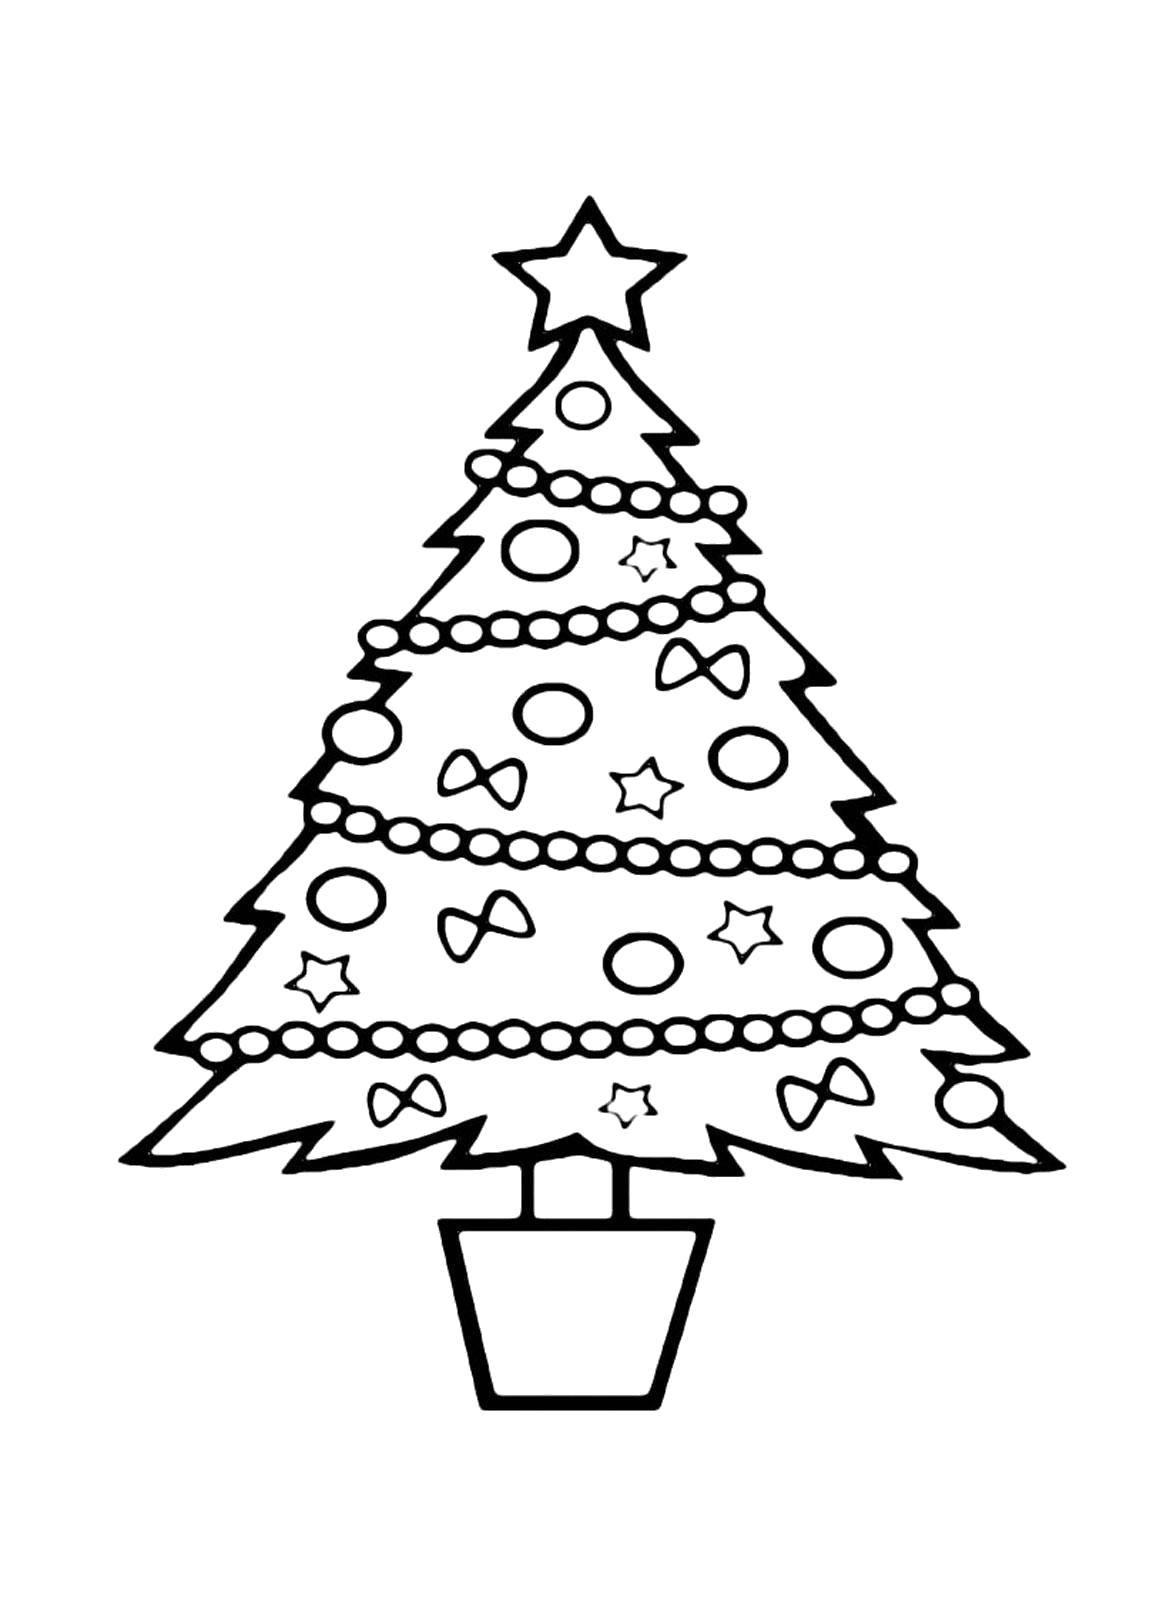 Раскраска Ёлка в горшке Скачать Новый Год, ёлка, подарки, игрушки.  Распечатать ,раскраски елки,